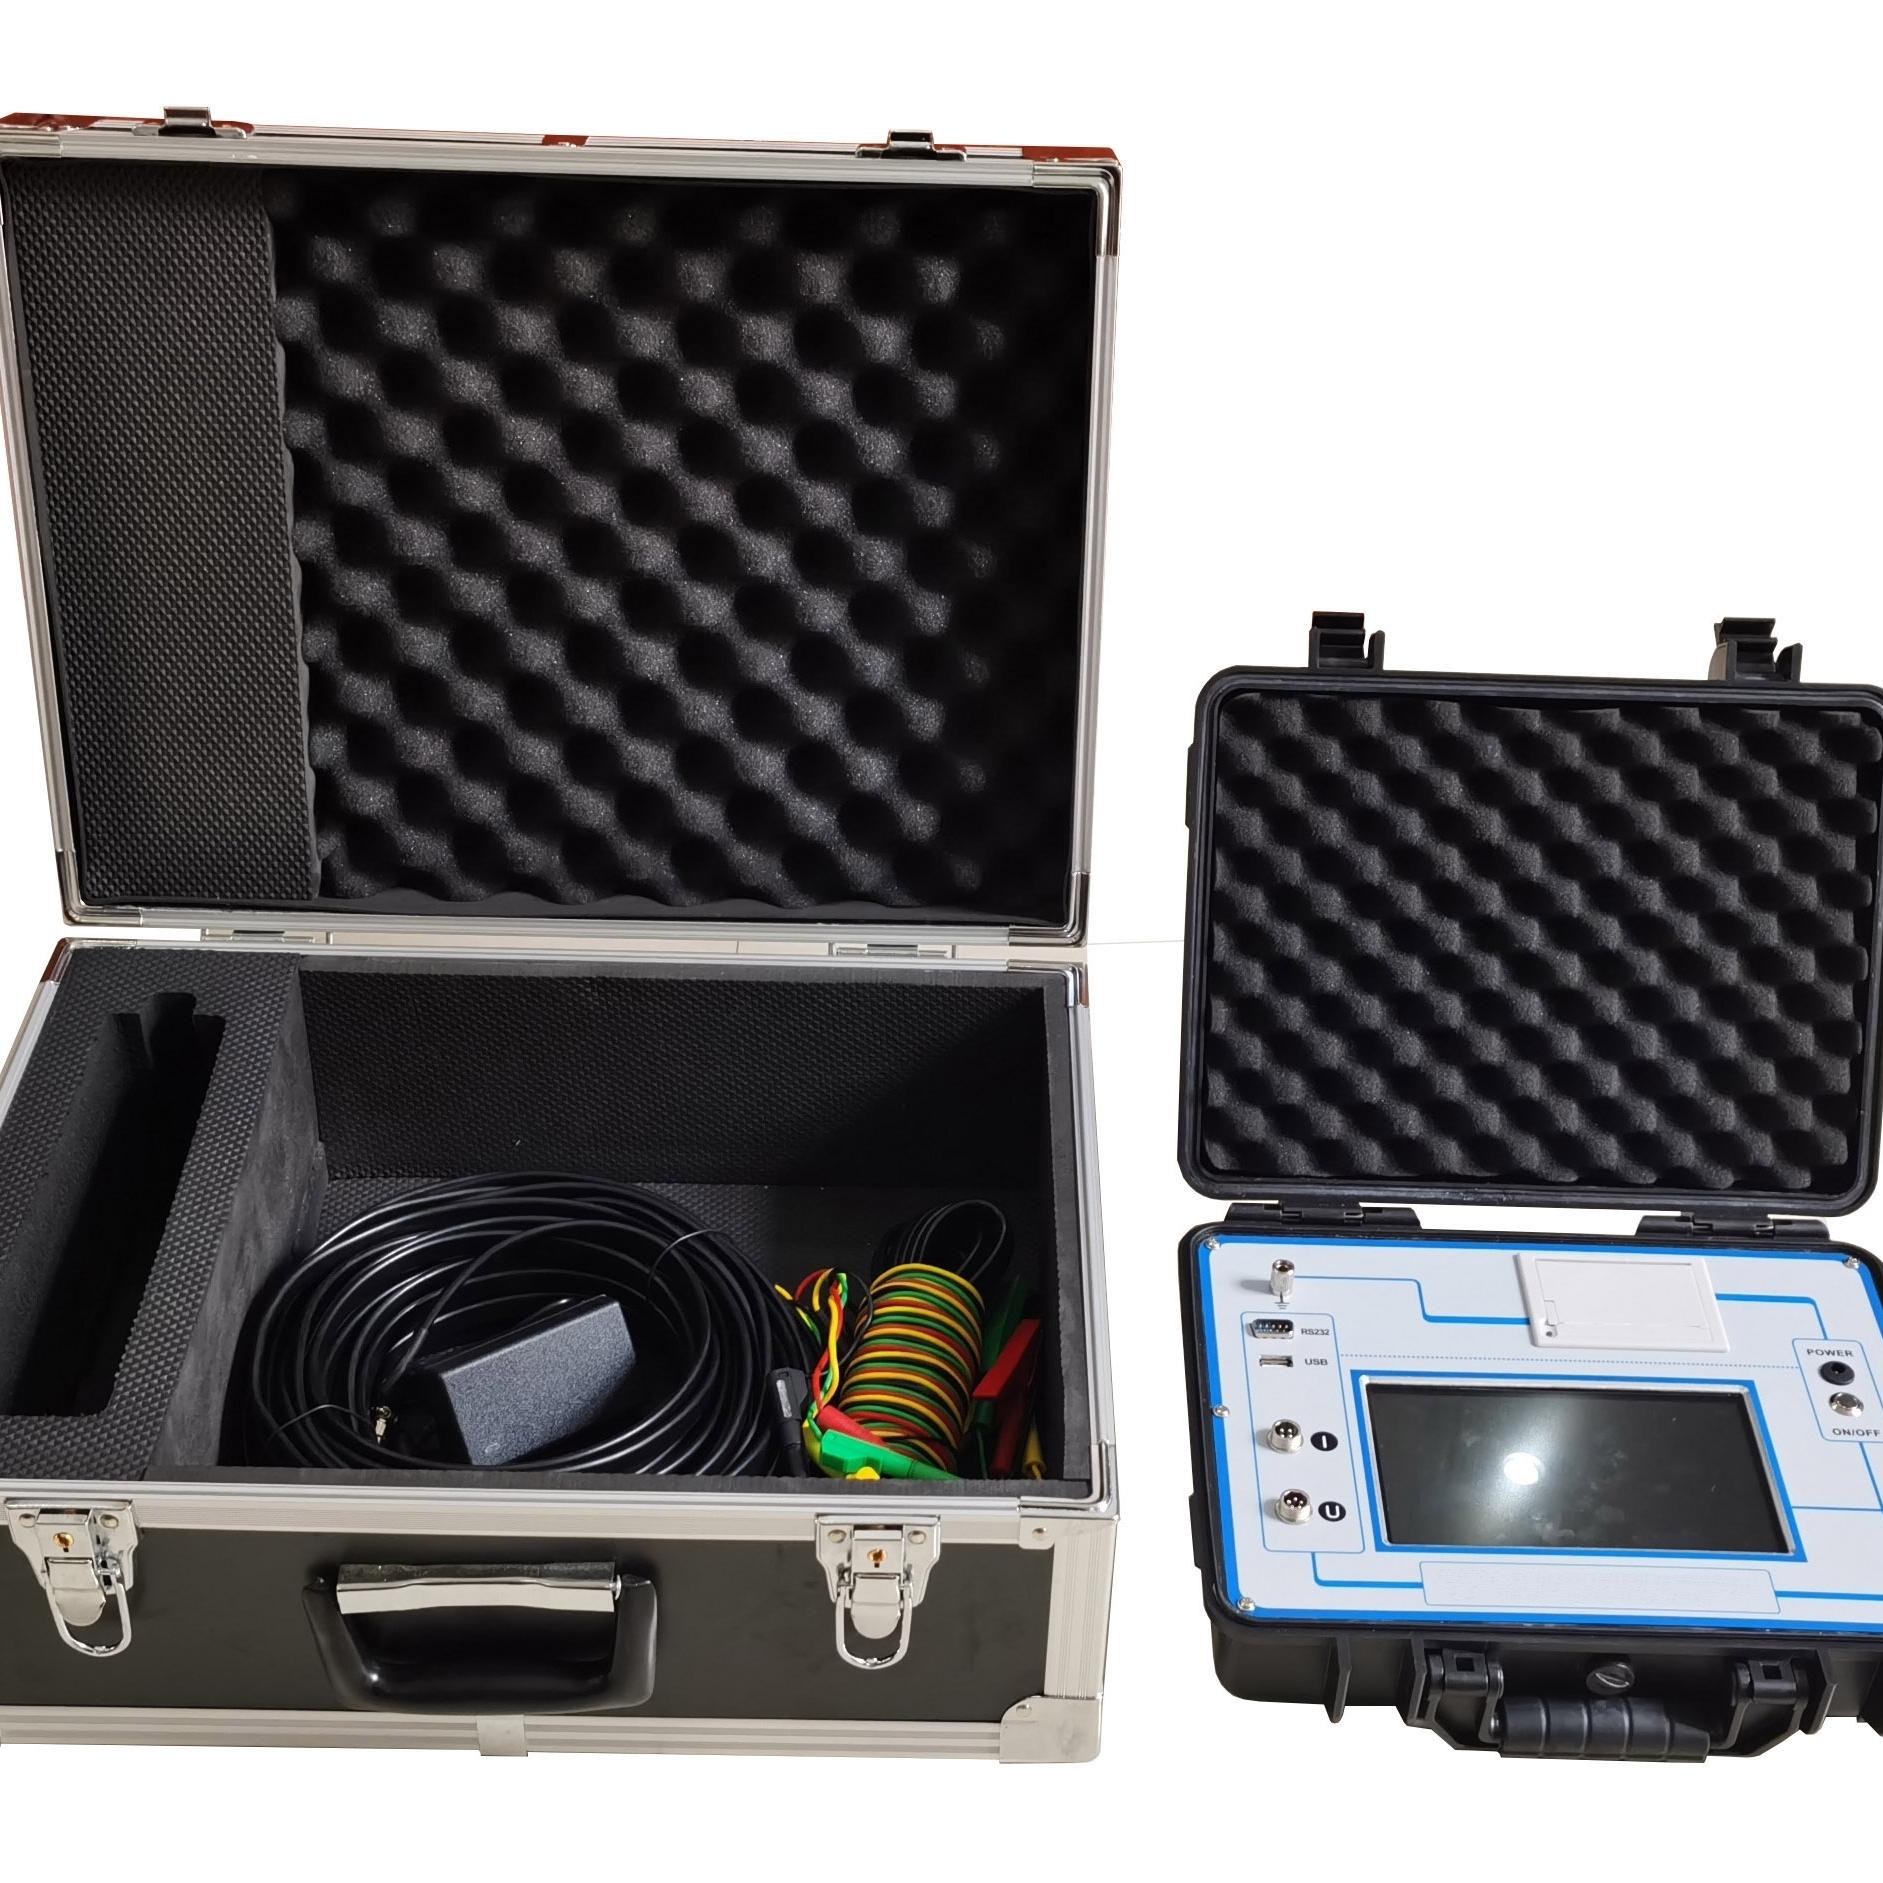 PNCD201氧化锌避雷器带电测试仪